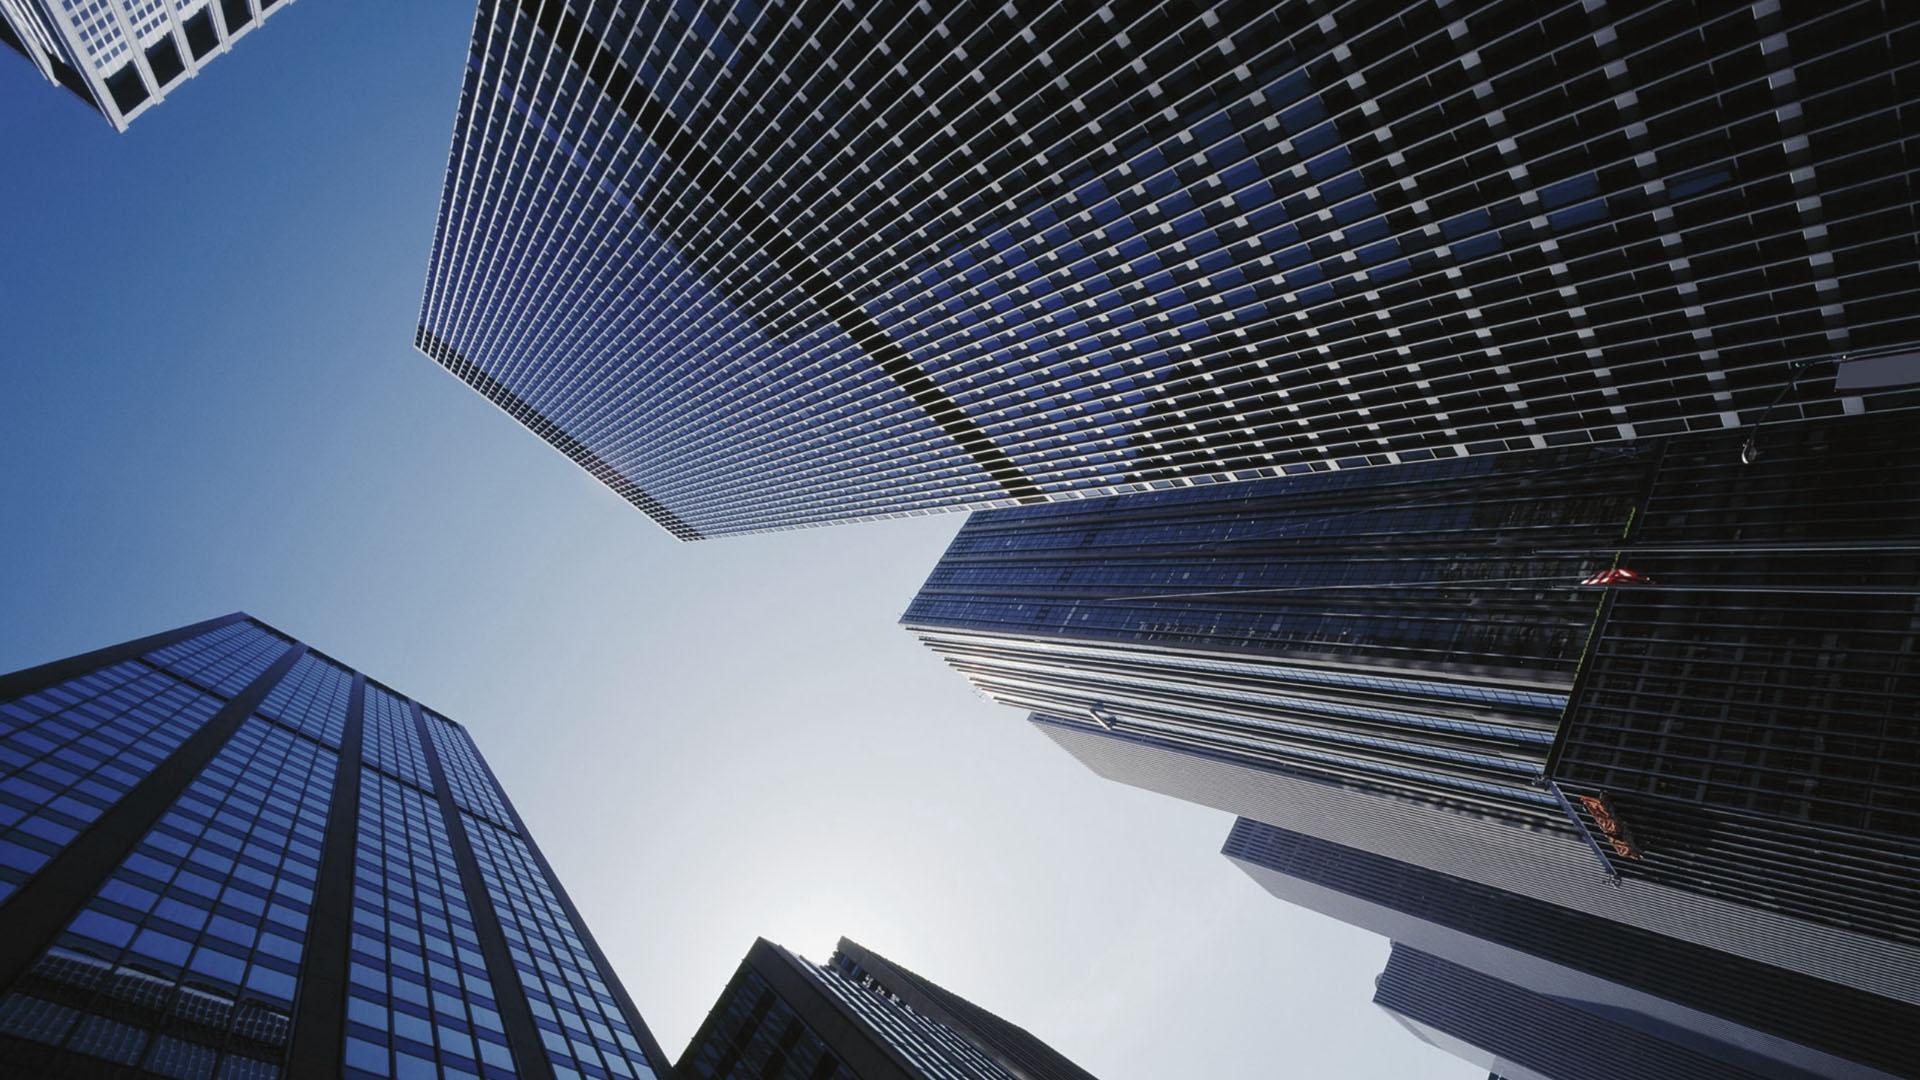 Skyscraper-Beautiful-Architecture-Wallpaper1